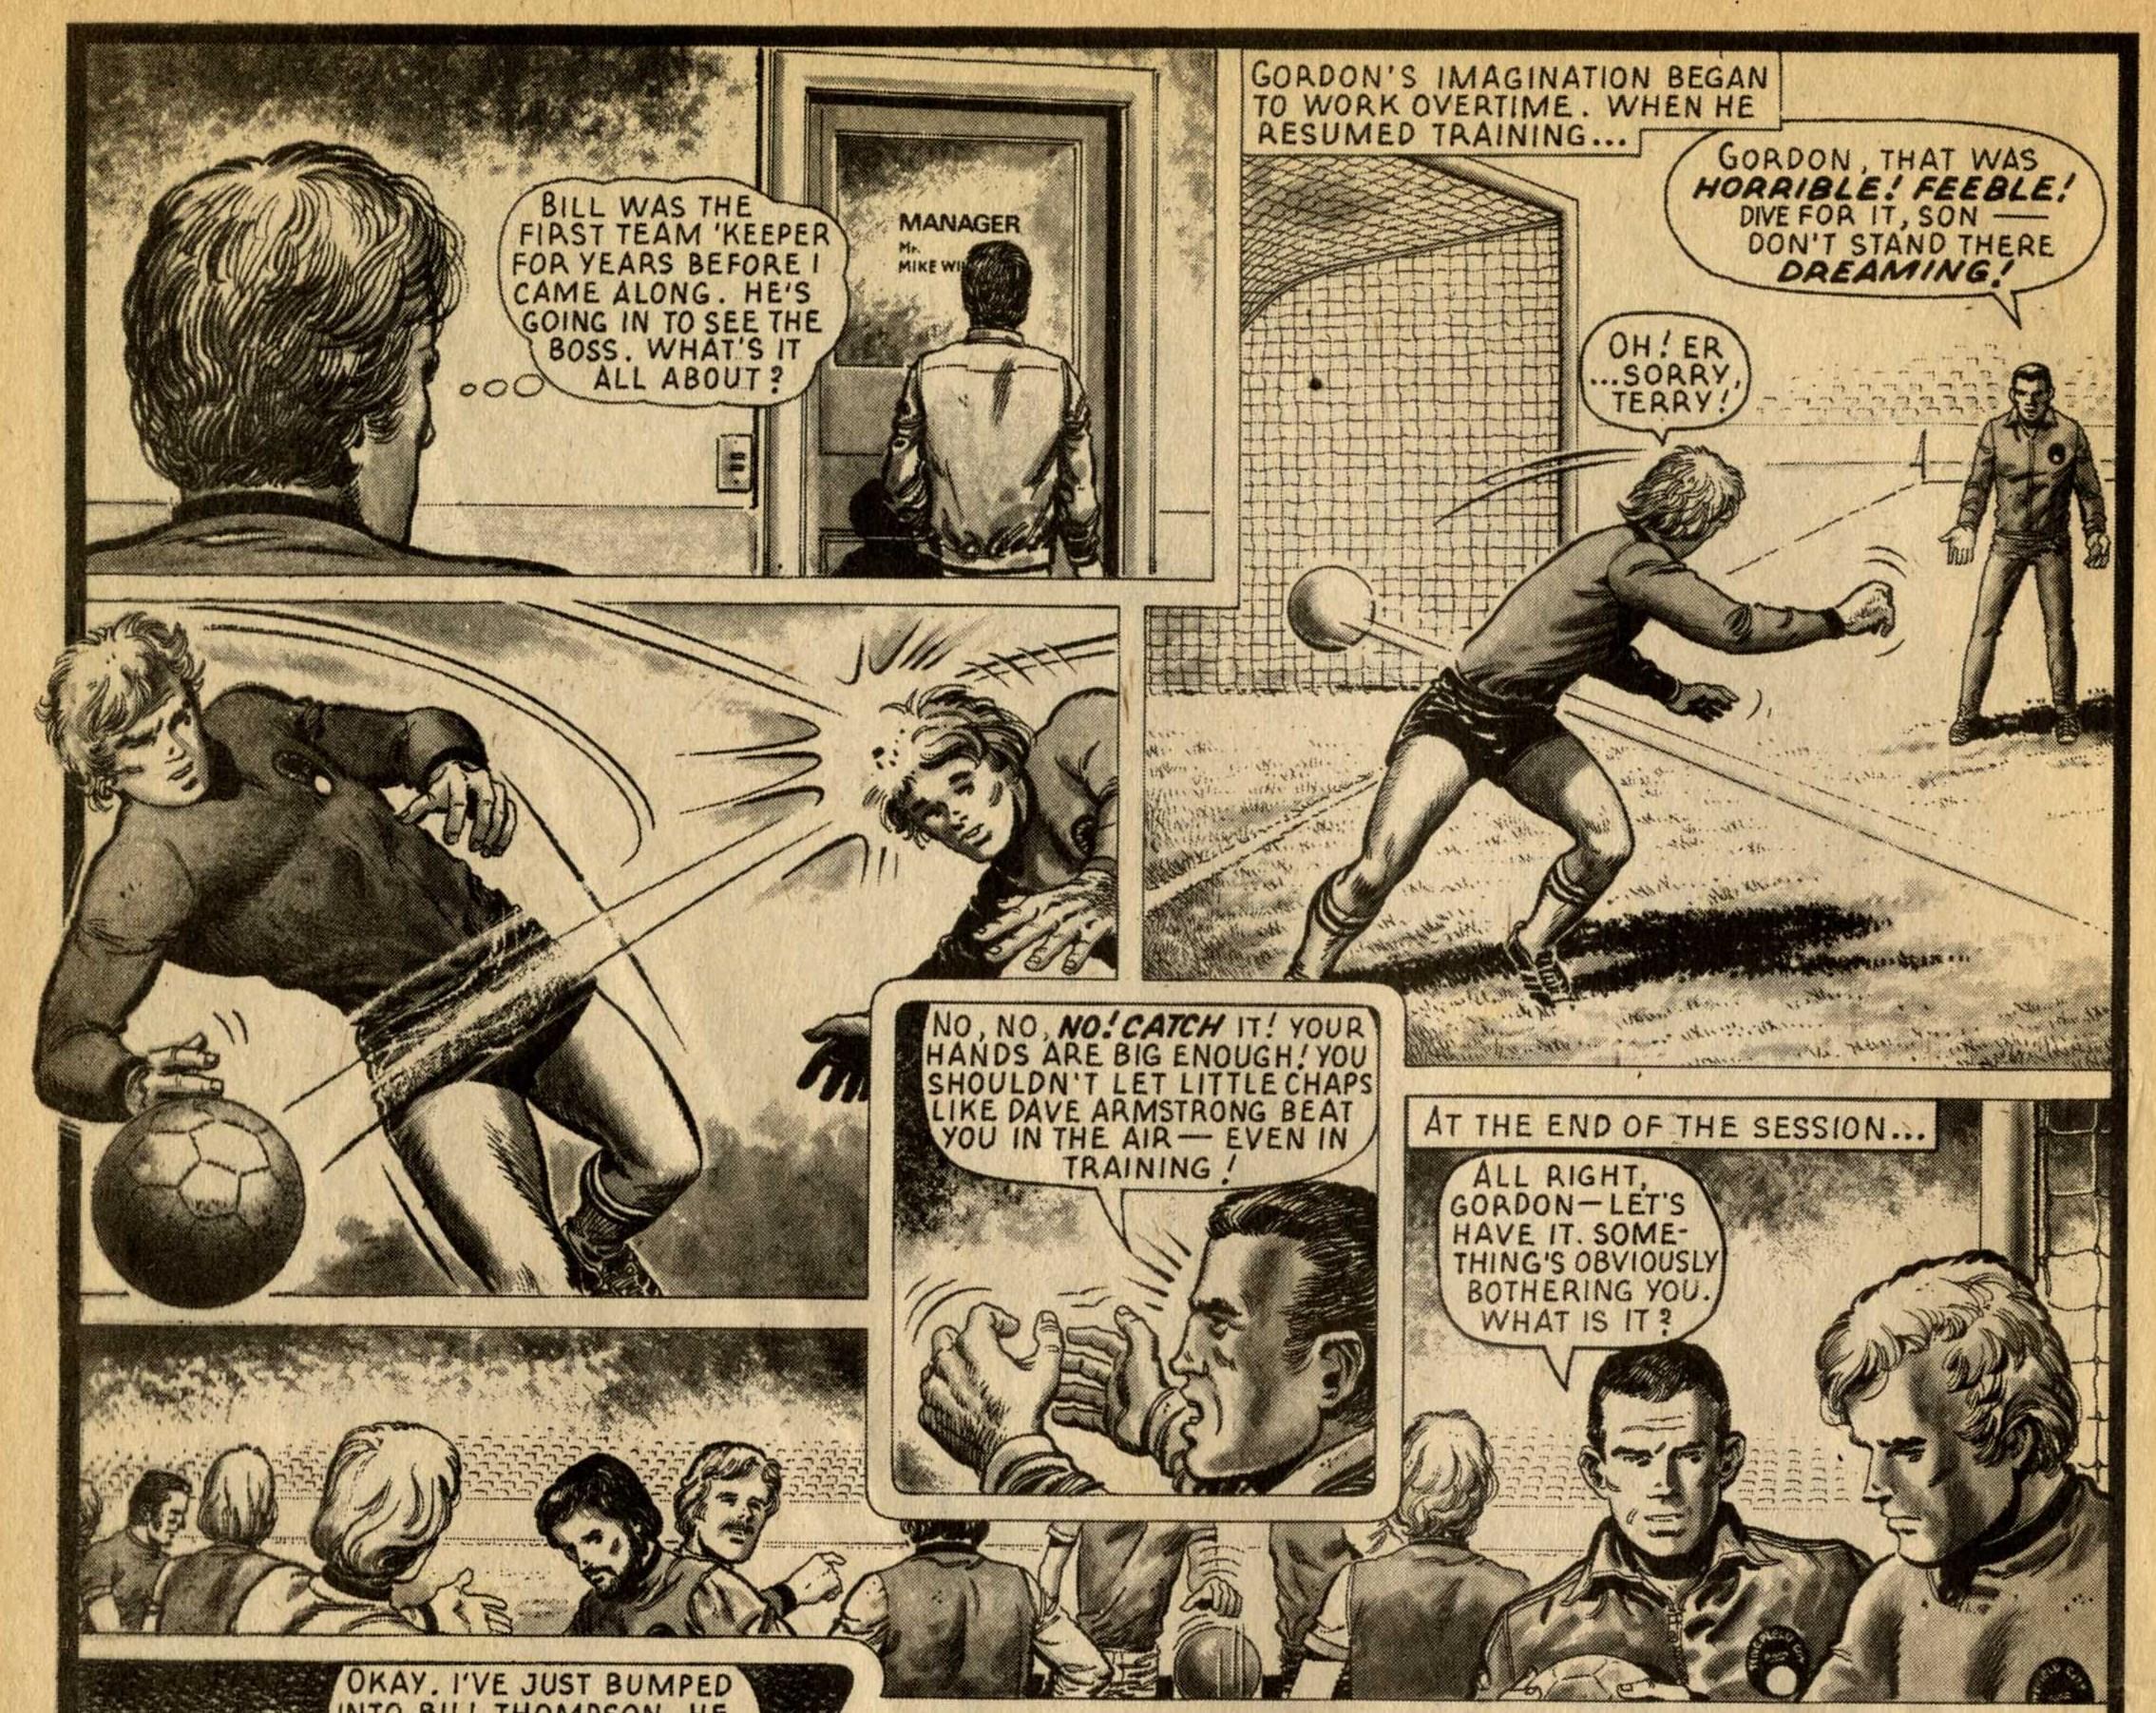 The Safest Hands in Soccer: Gil Page (writer), Osvaldo Torta (artist)